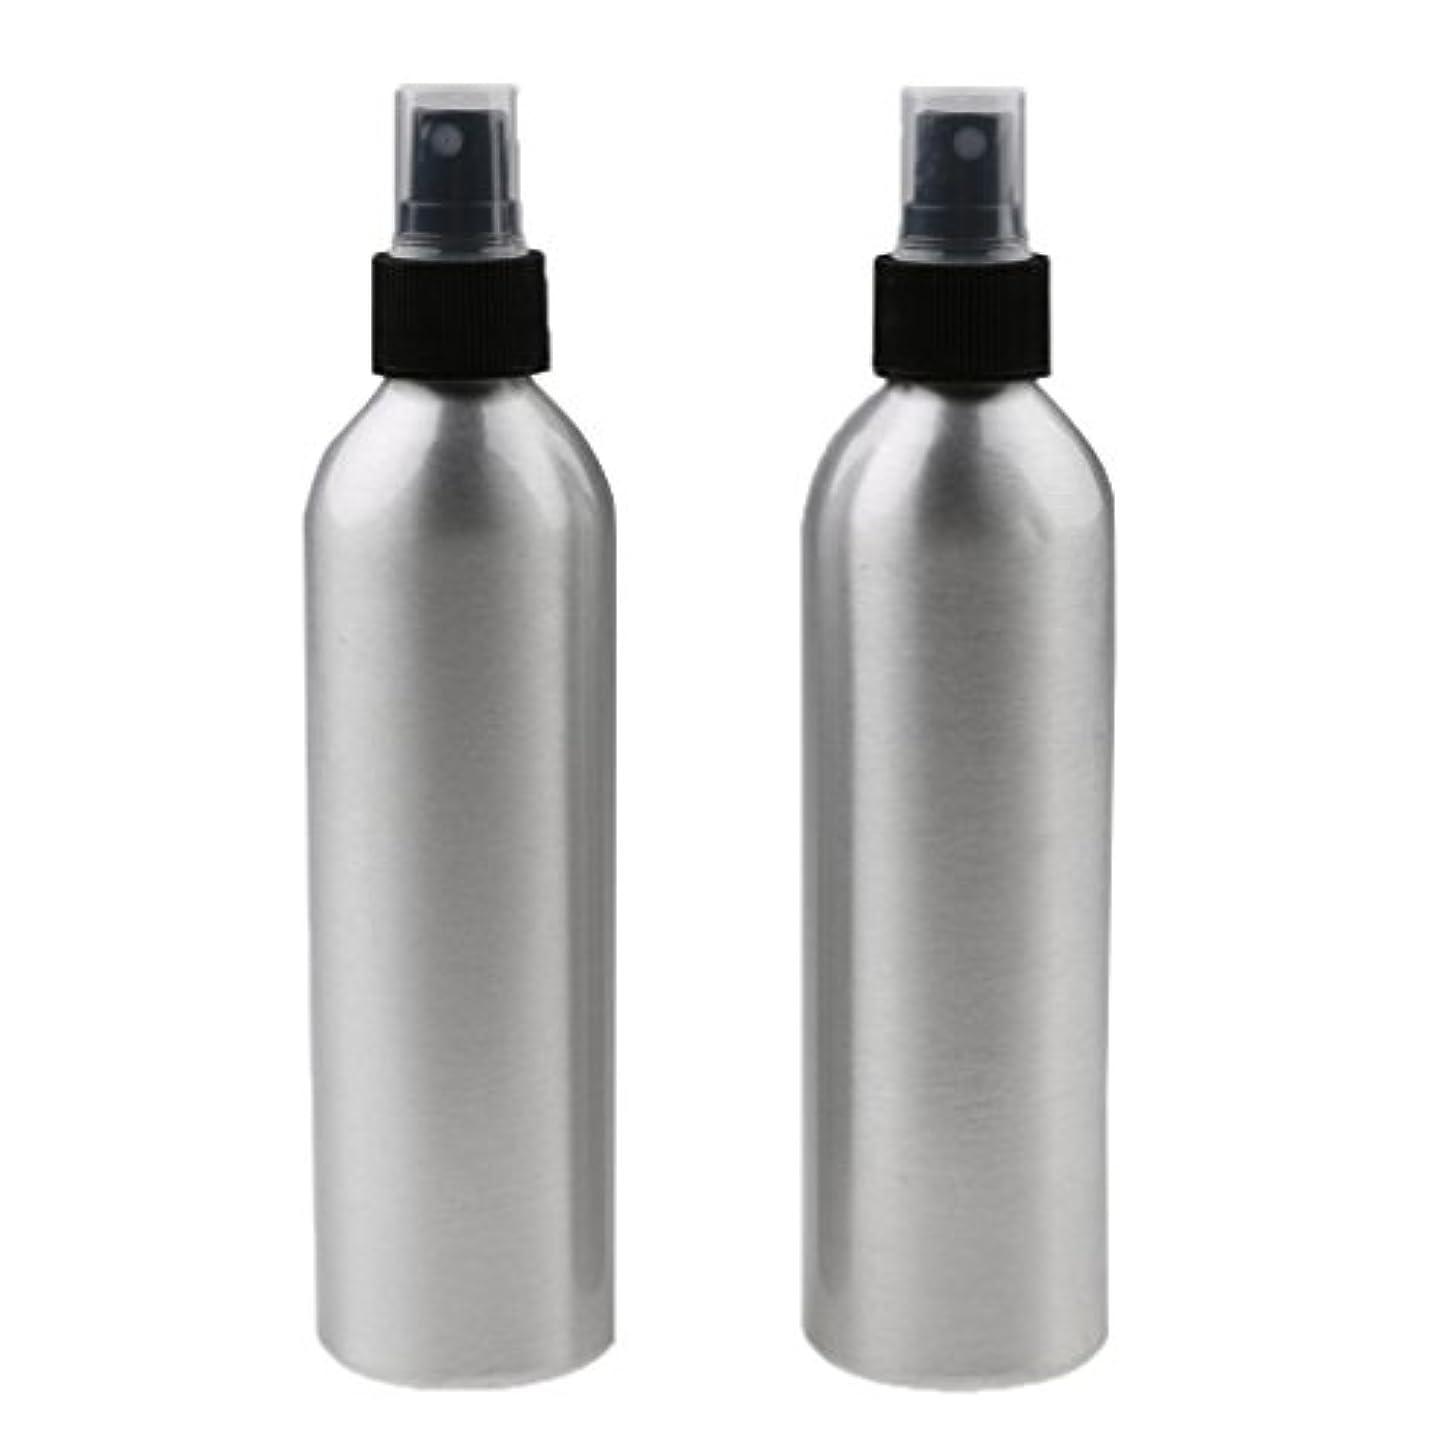 船上中で支配する2個入り 旅行 アルミ ミスト スプレー 香水ボトル メイクアップ スプレー アトマイザー 女性用 美容 小物 軽量 持ち運び便利 全4サイズ - 250ml